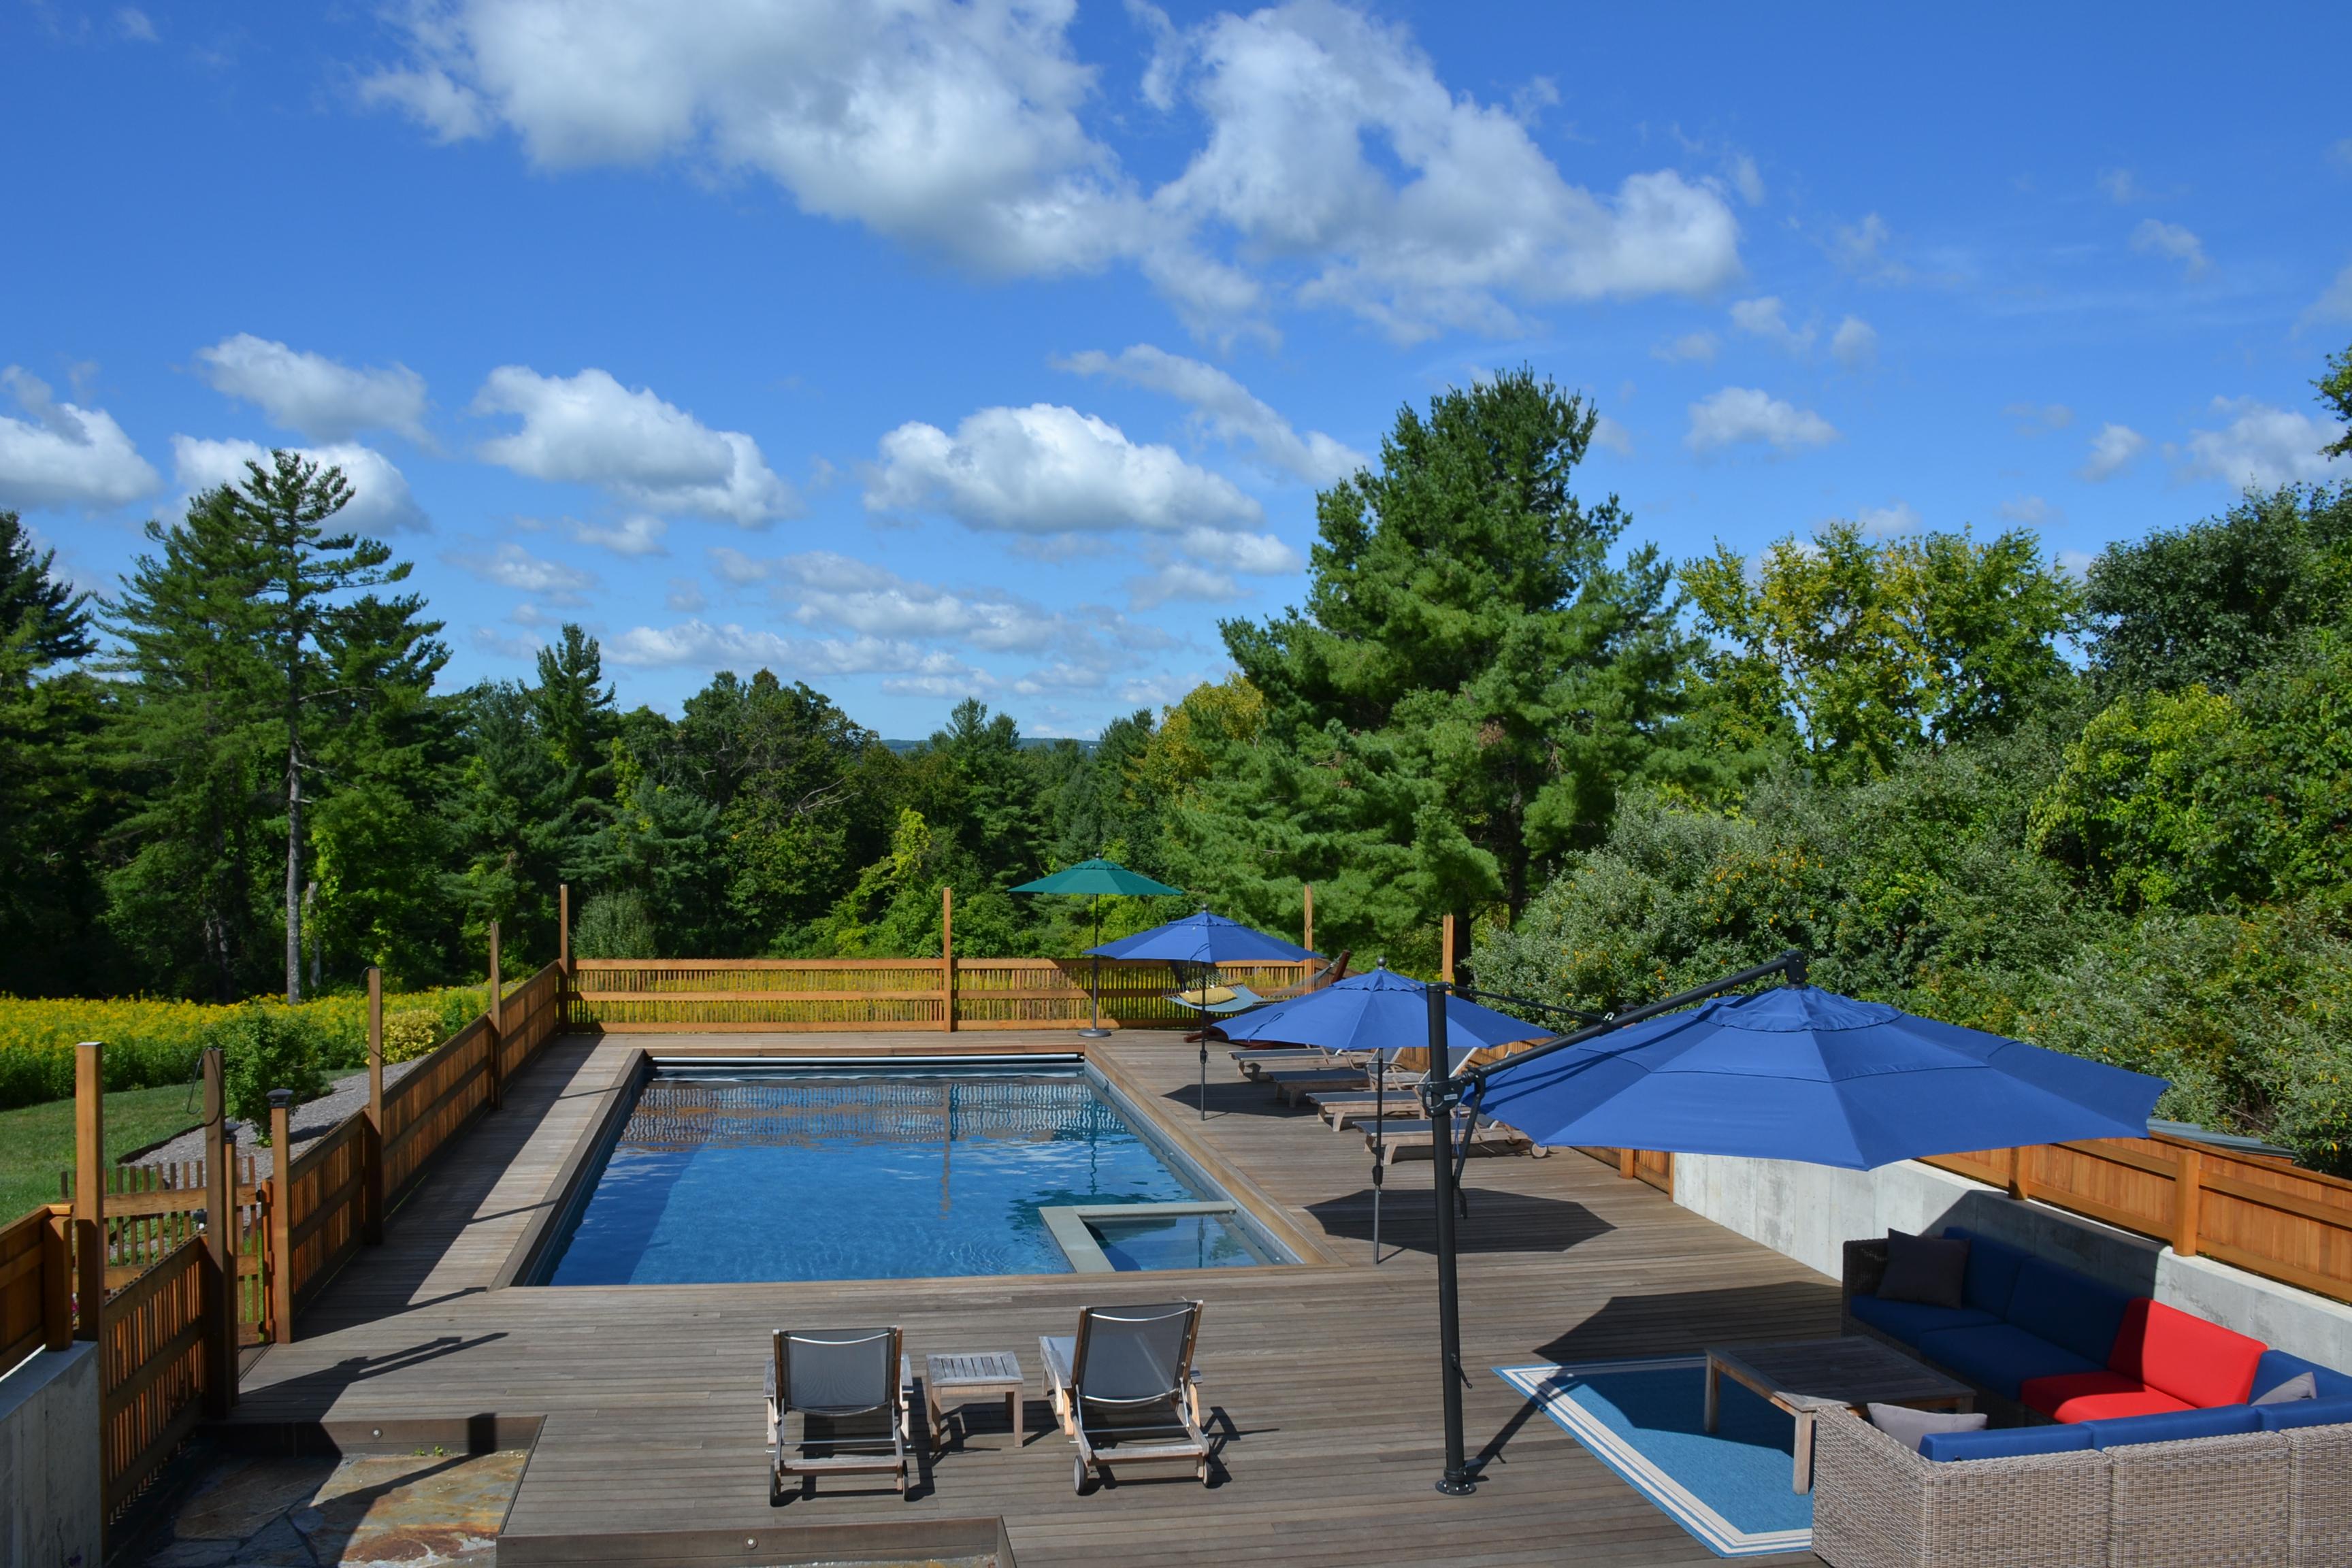 Berk Asian pool 2